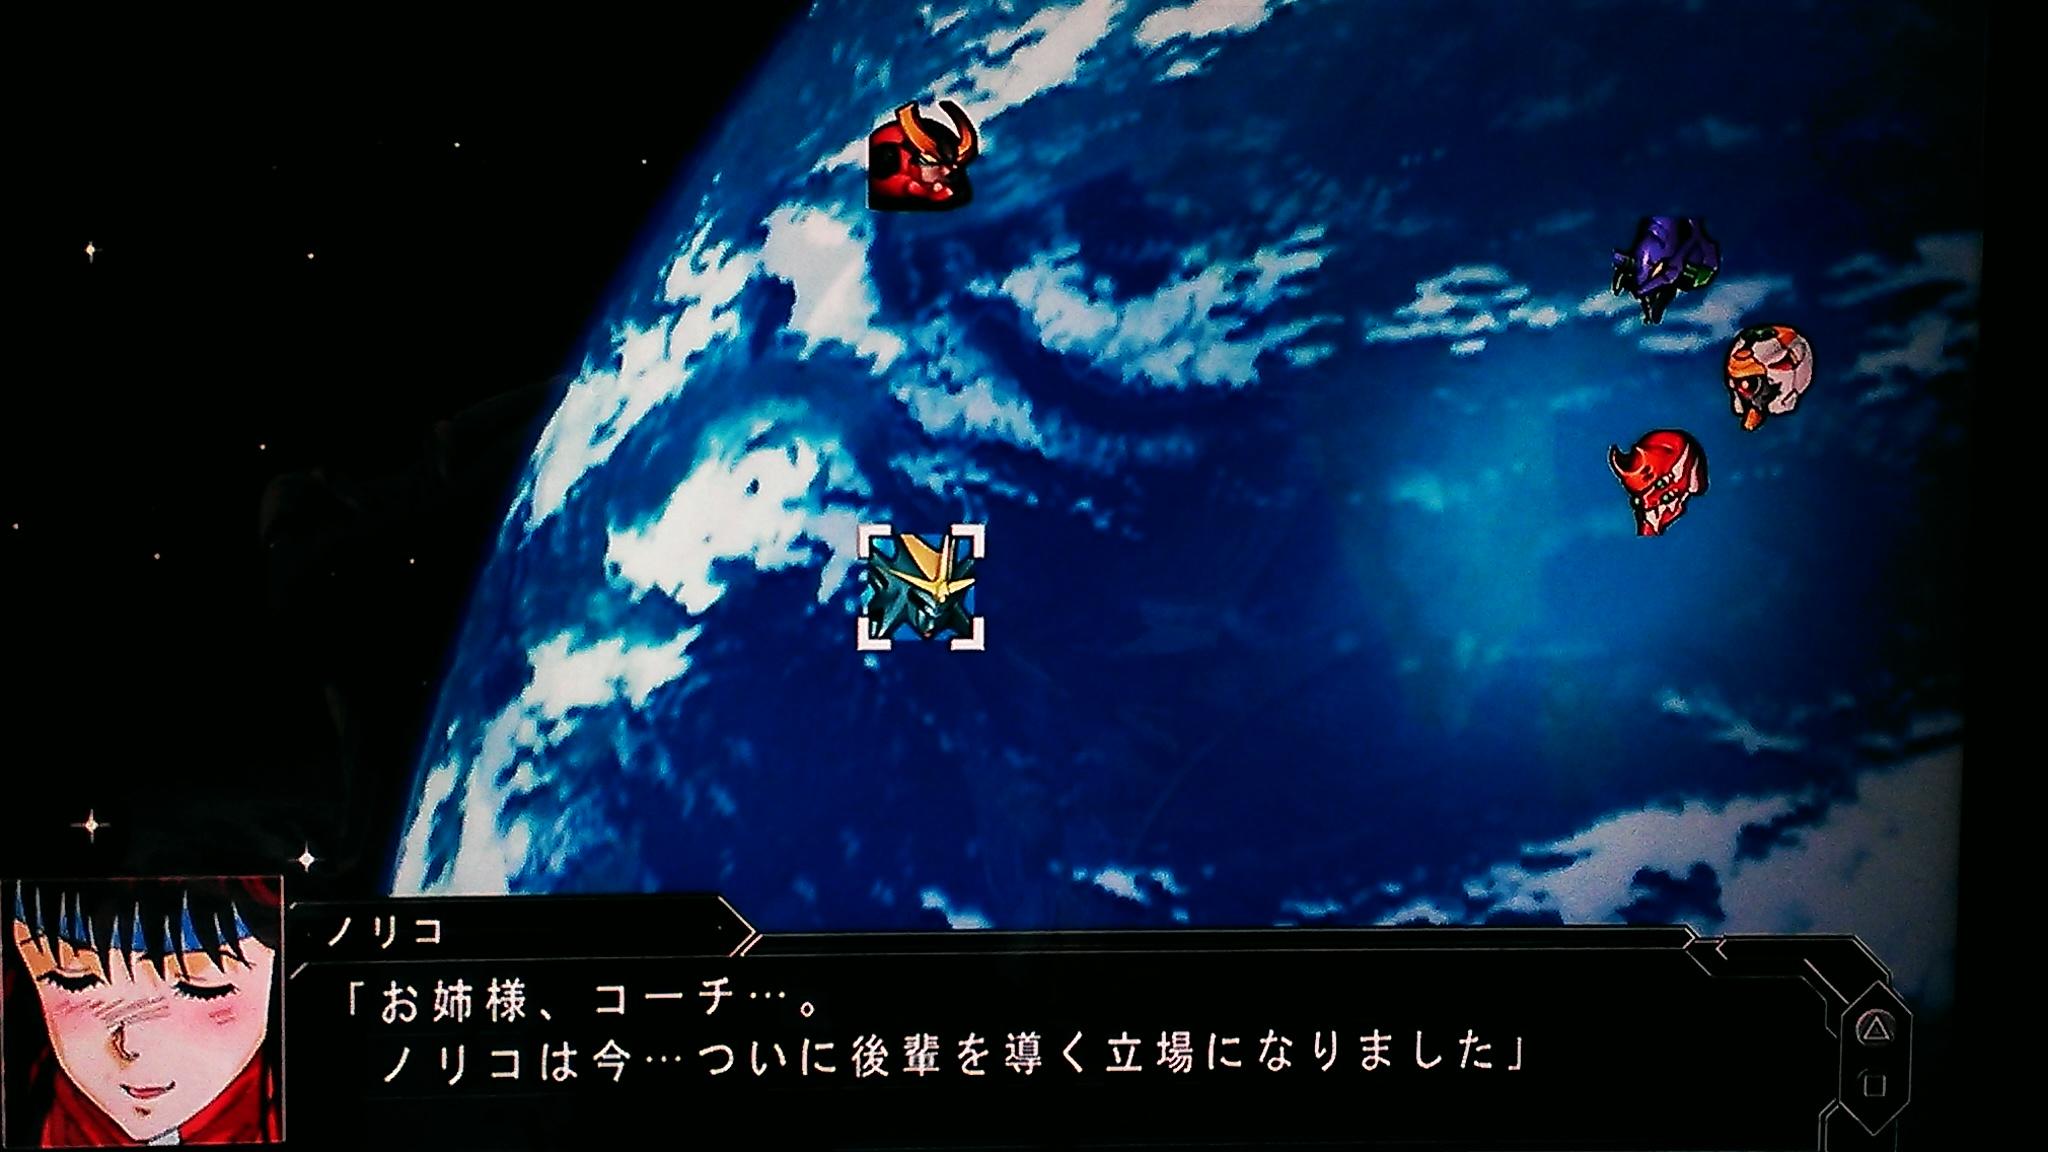 ゲームたんたんプレイ日記第3次スーパーロボット大戦Z 時獄篇 第十二話トラックバックURL